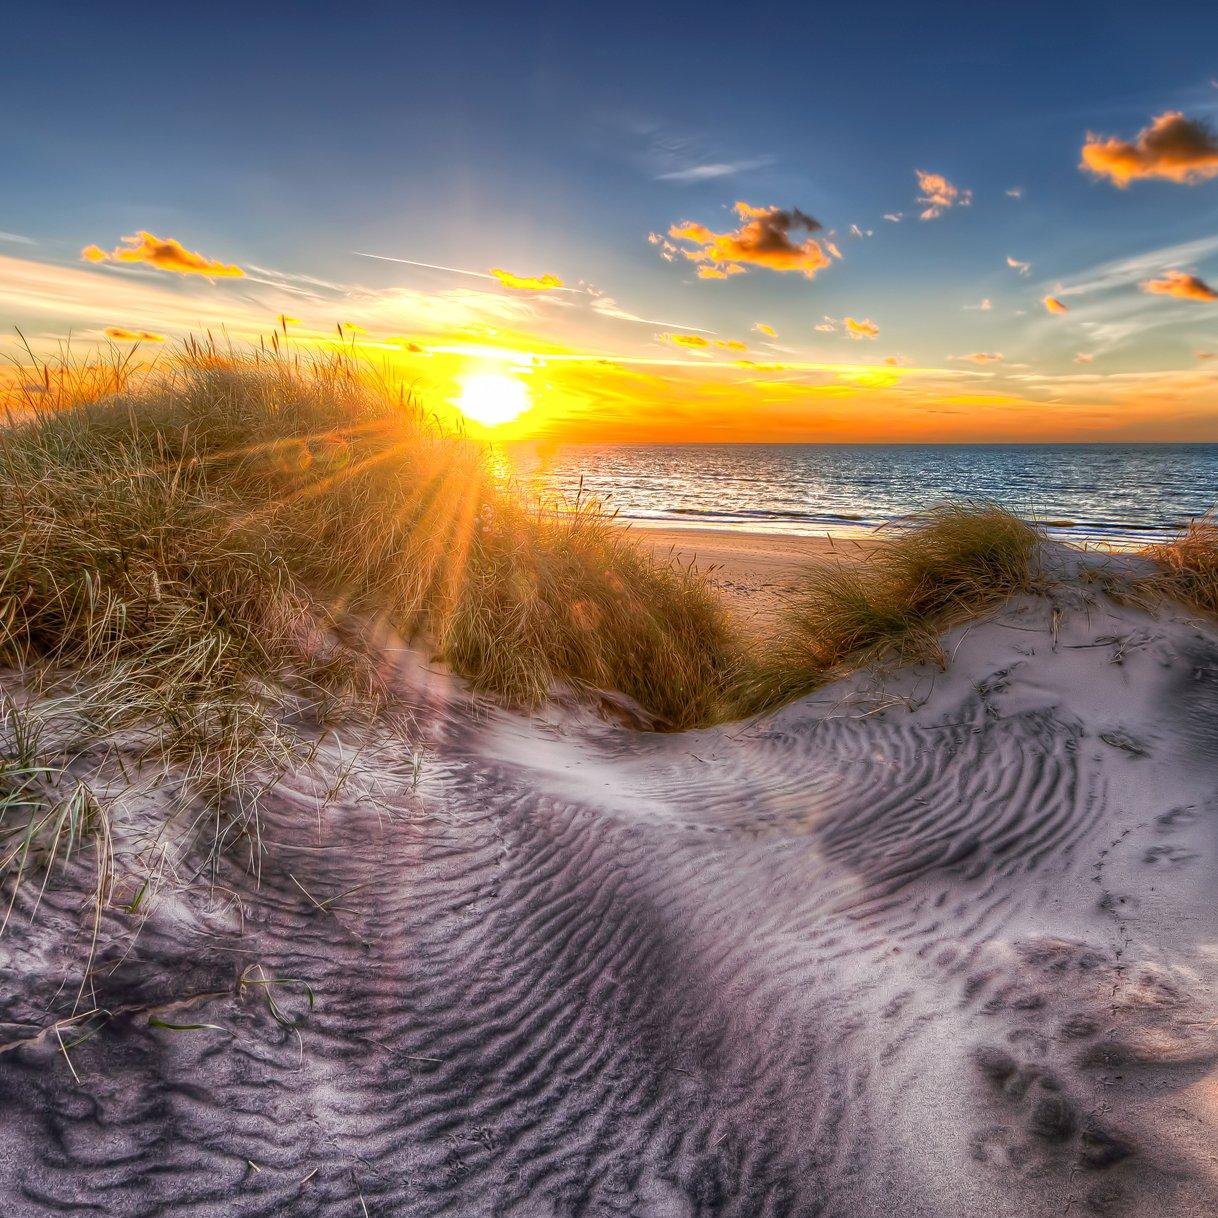 norlev strand sunset 2013